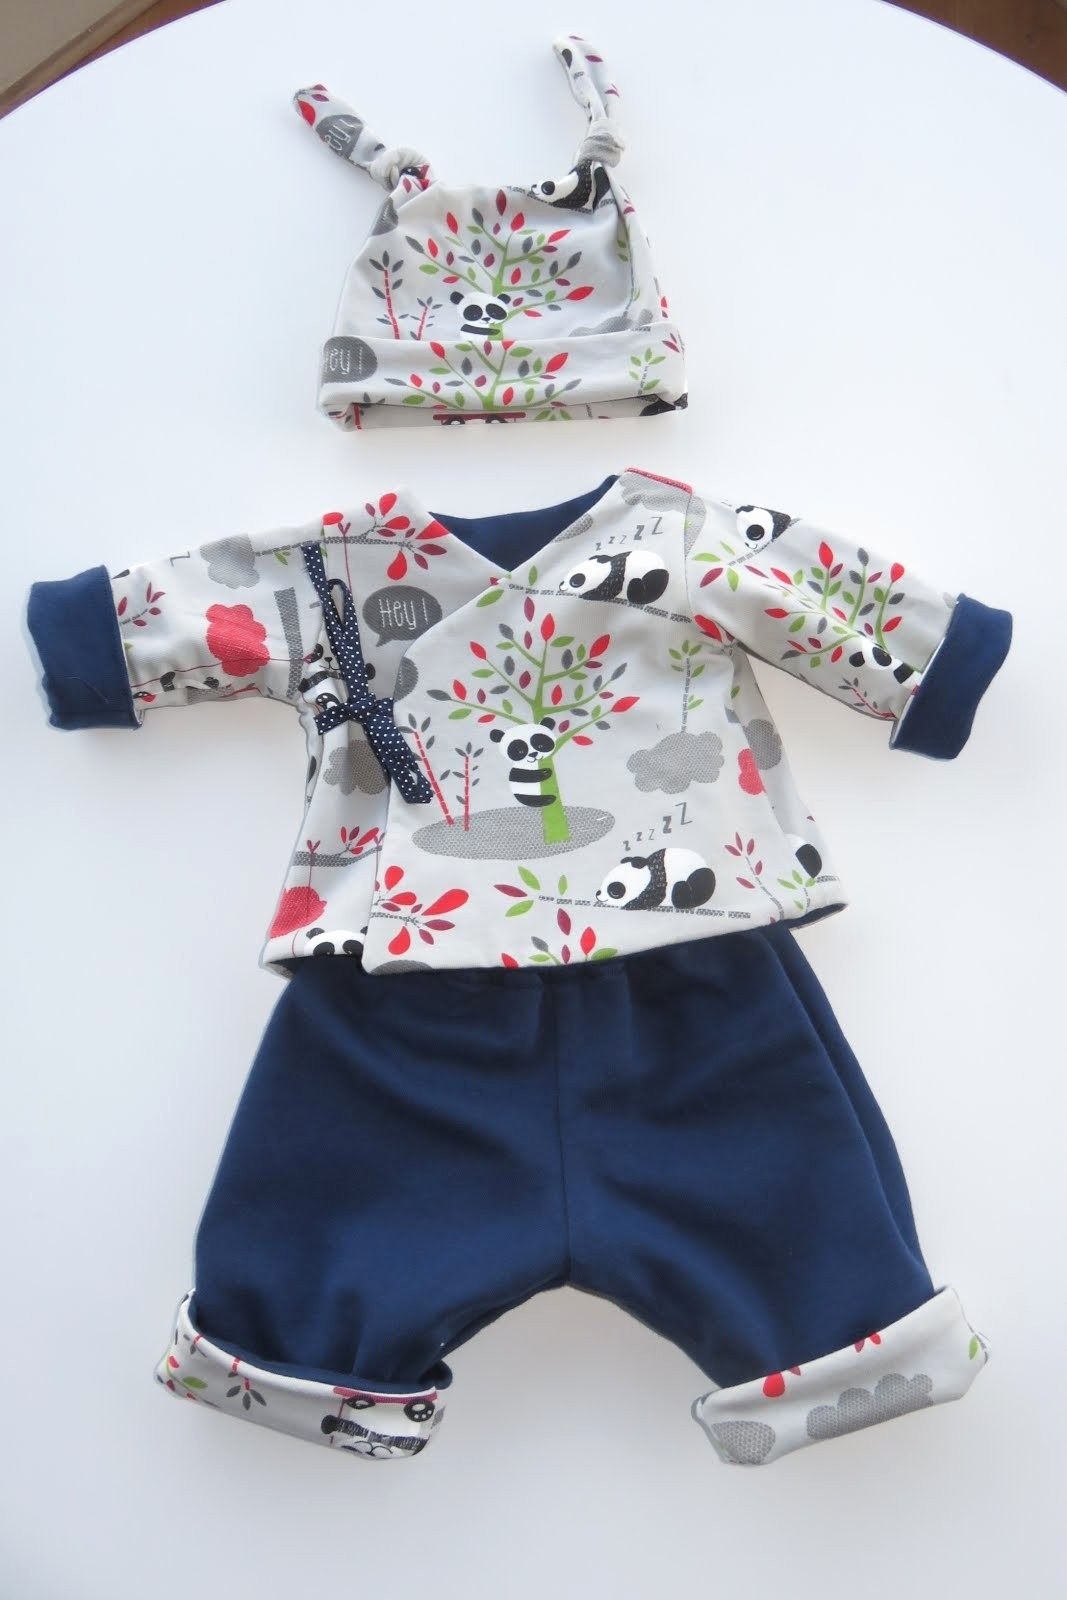 Lit Bébé Bio Impressionnant Meilleur Lit Bébé Bébé Confort Baignoire New Armoire Chambre Bébé